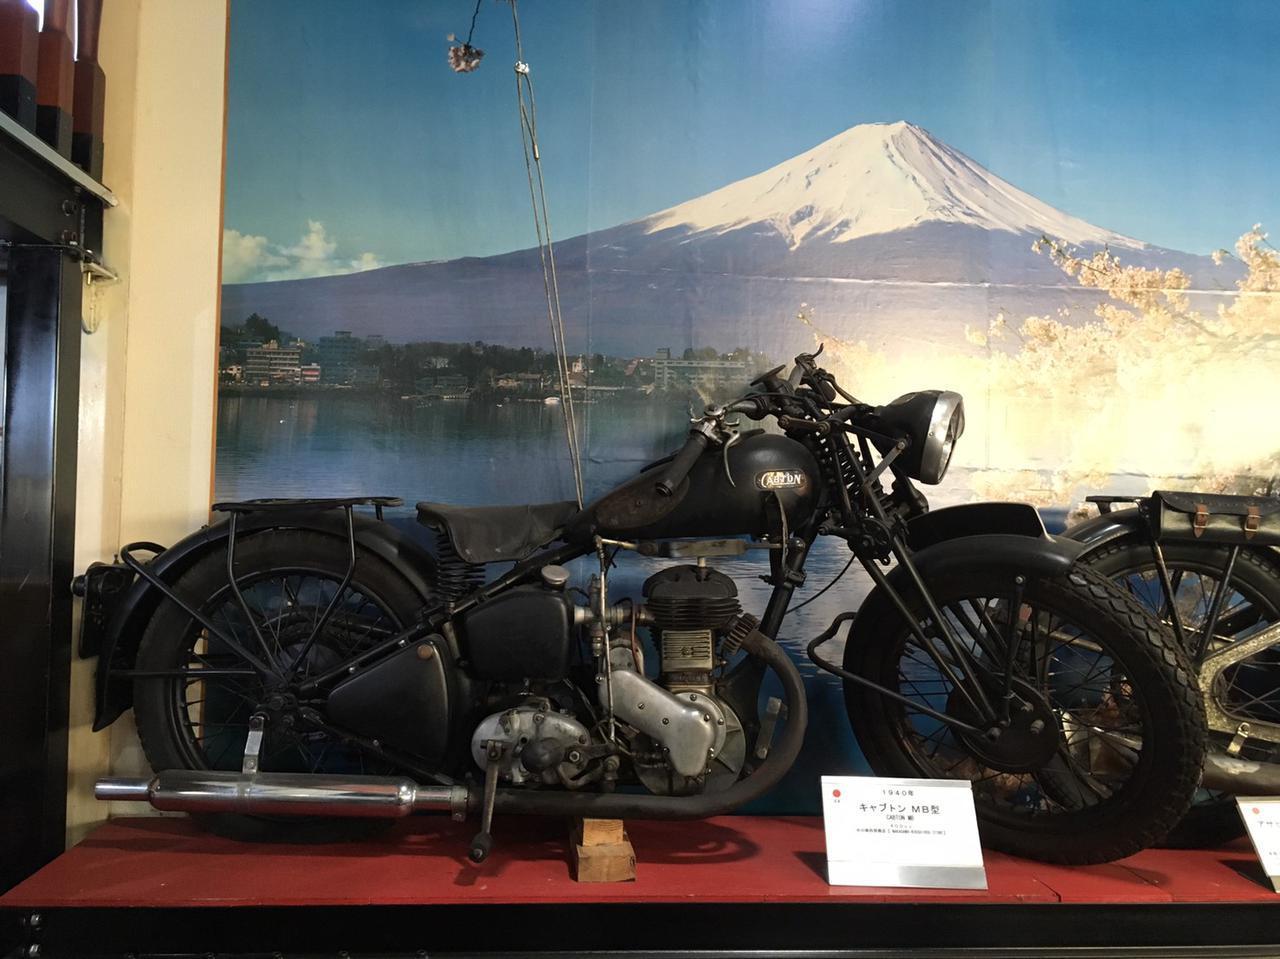 画像11: 福山理子の旅先潜入レポート! 大分県に眠る2億円のバイクとは? 湯布院の「岩下コレクション」へ【ツーリング紀行】